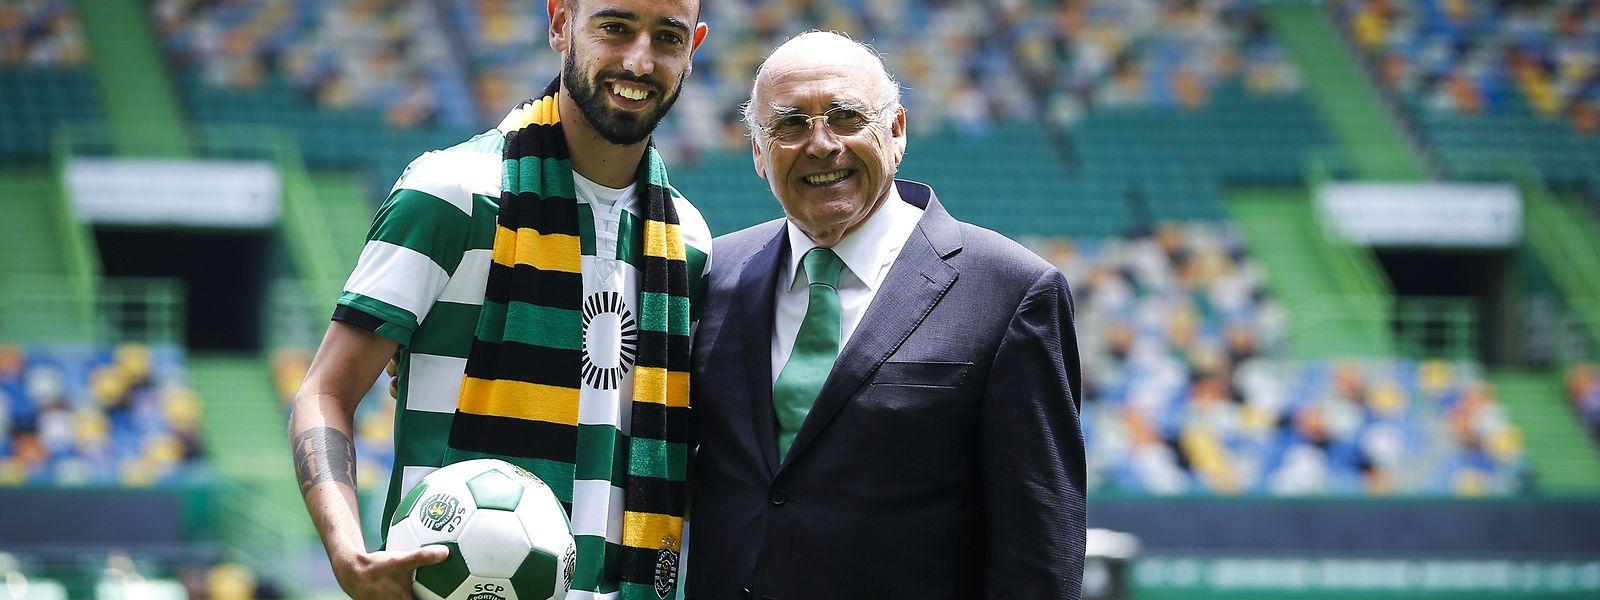 Bruno Fernandes (E) acompanhado do presidente Sousa Cintra durante a sua reapresentação no Estádio José de Alvalade em Lisboa.